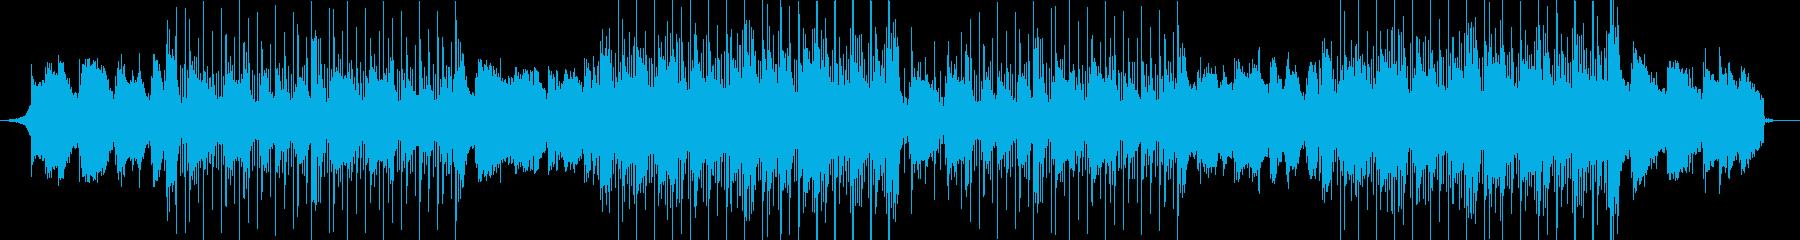 洋楽、チルアウト濃厚R&Bビートの再生済みの波形